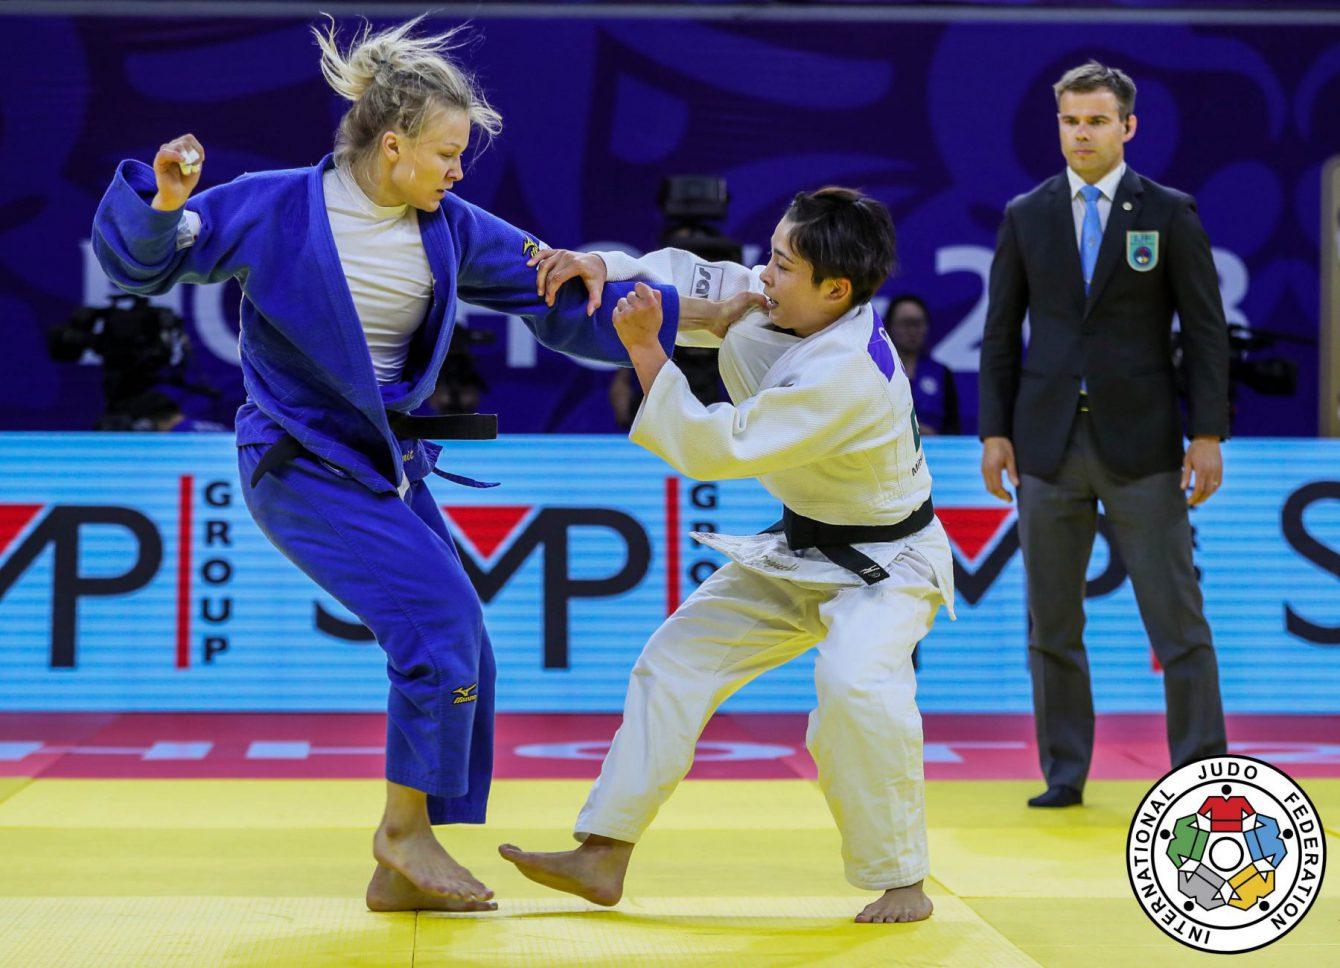 Christa Deguchi et Jessica Klimkait d'Équipe Canada lors de la finale chez les 57 kg au Grand Prix de Judo de Hohhot, en Chine. (Photo : Sabau Gabriela)